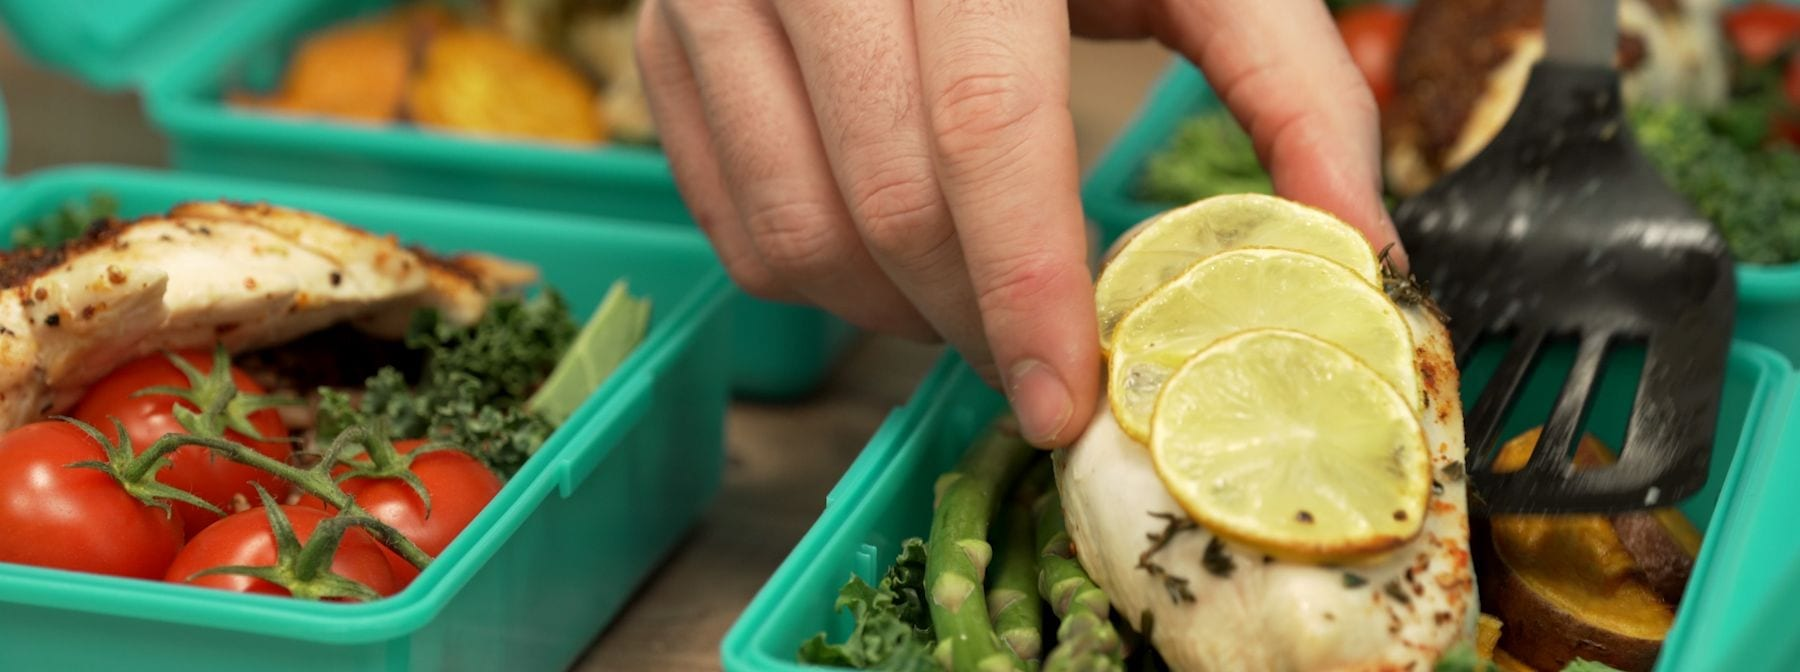 4 façons de cuisiner votre poulet | Donnez du goût à votre Meal Prep